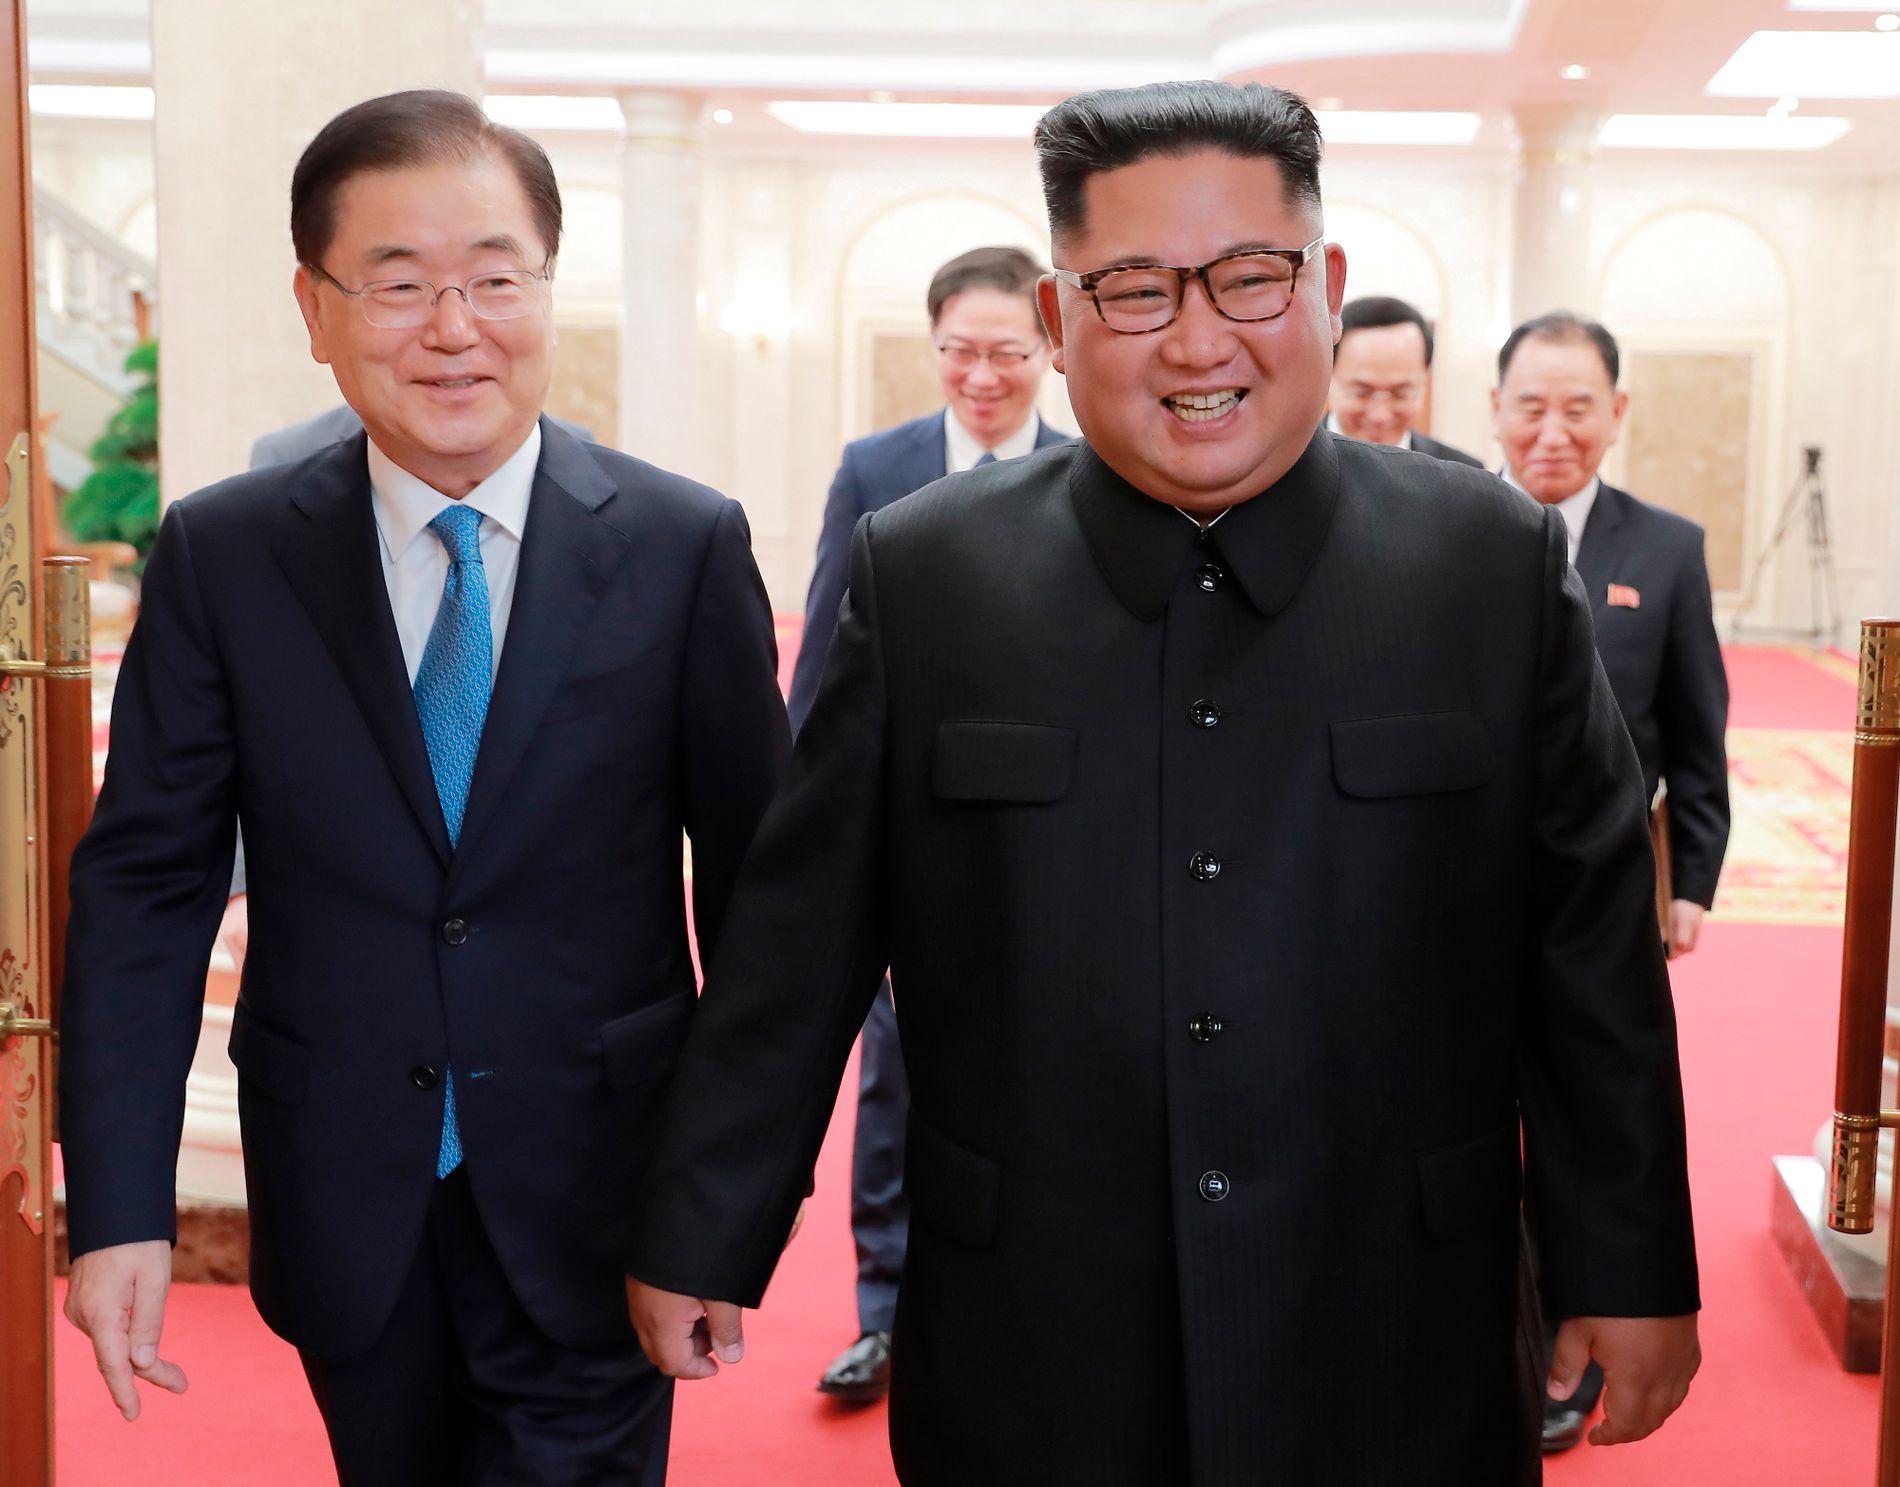 MØTES: Nord-Koreas leder Kim Jong-un var smilende fornøyd da han tok imot Sør-Koreas sikkerhetssjef Chung Eui-yong i Pyongyang onsdag.